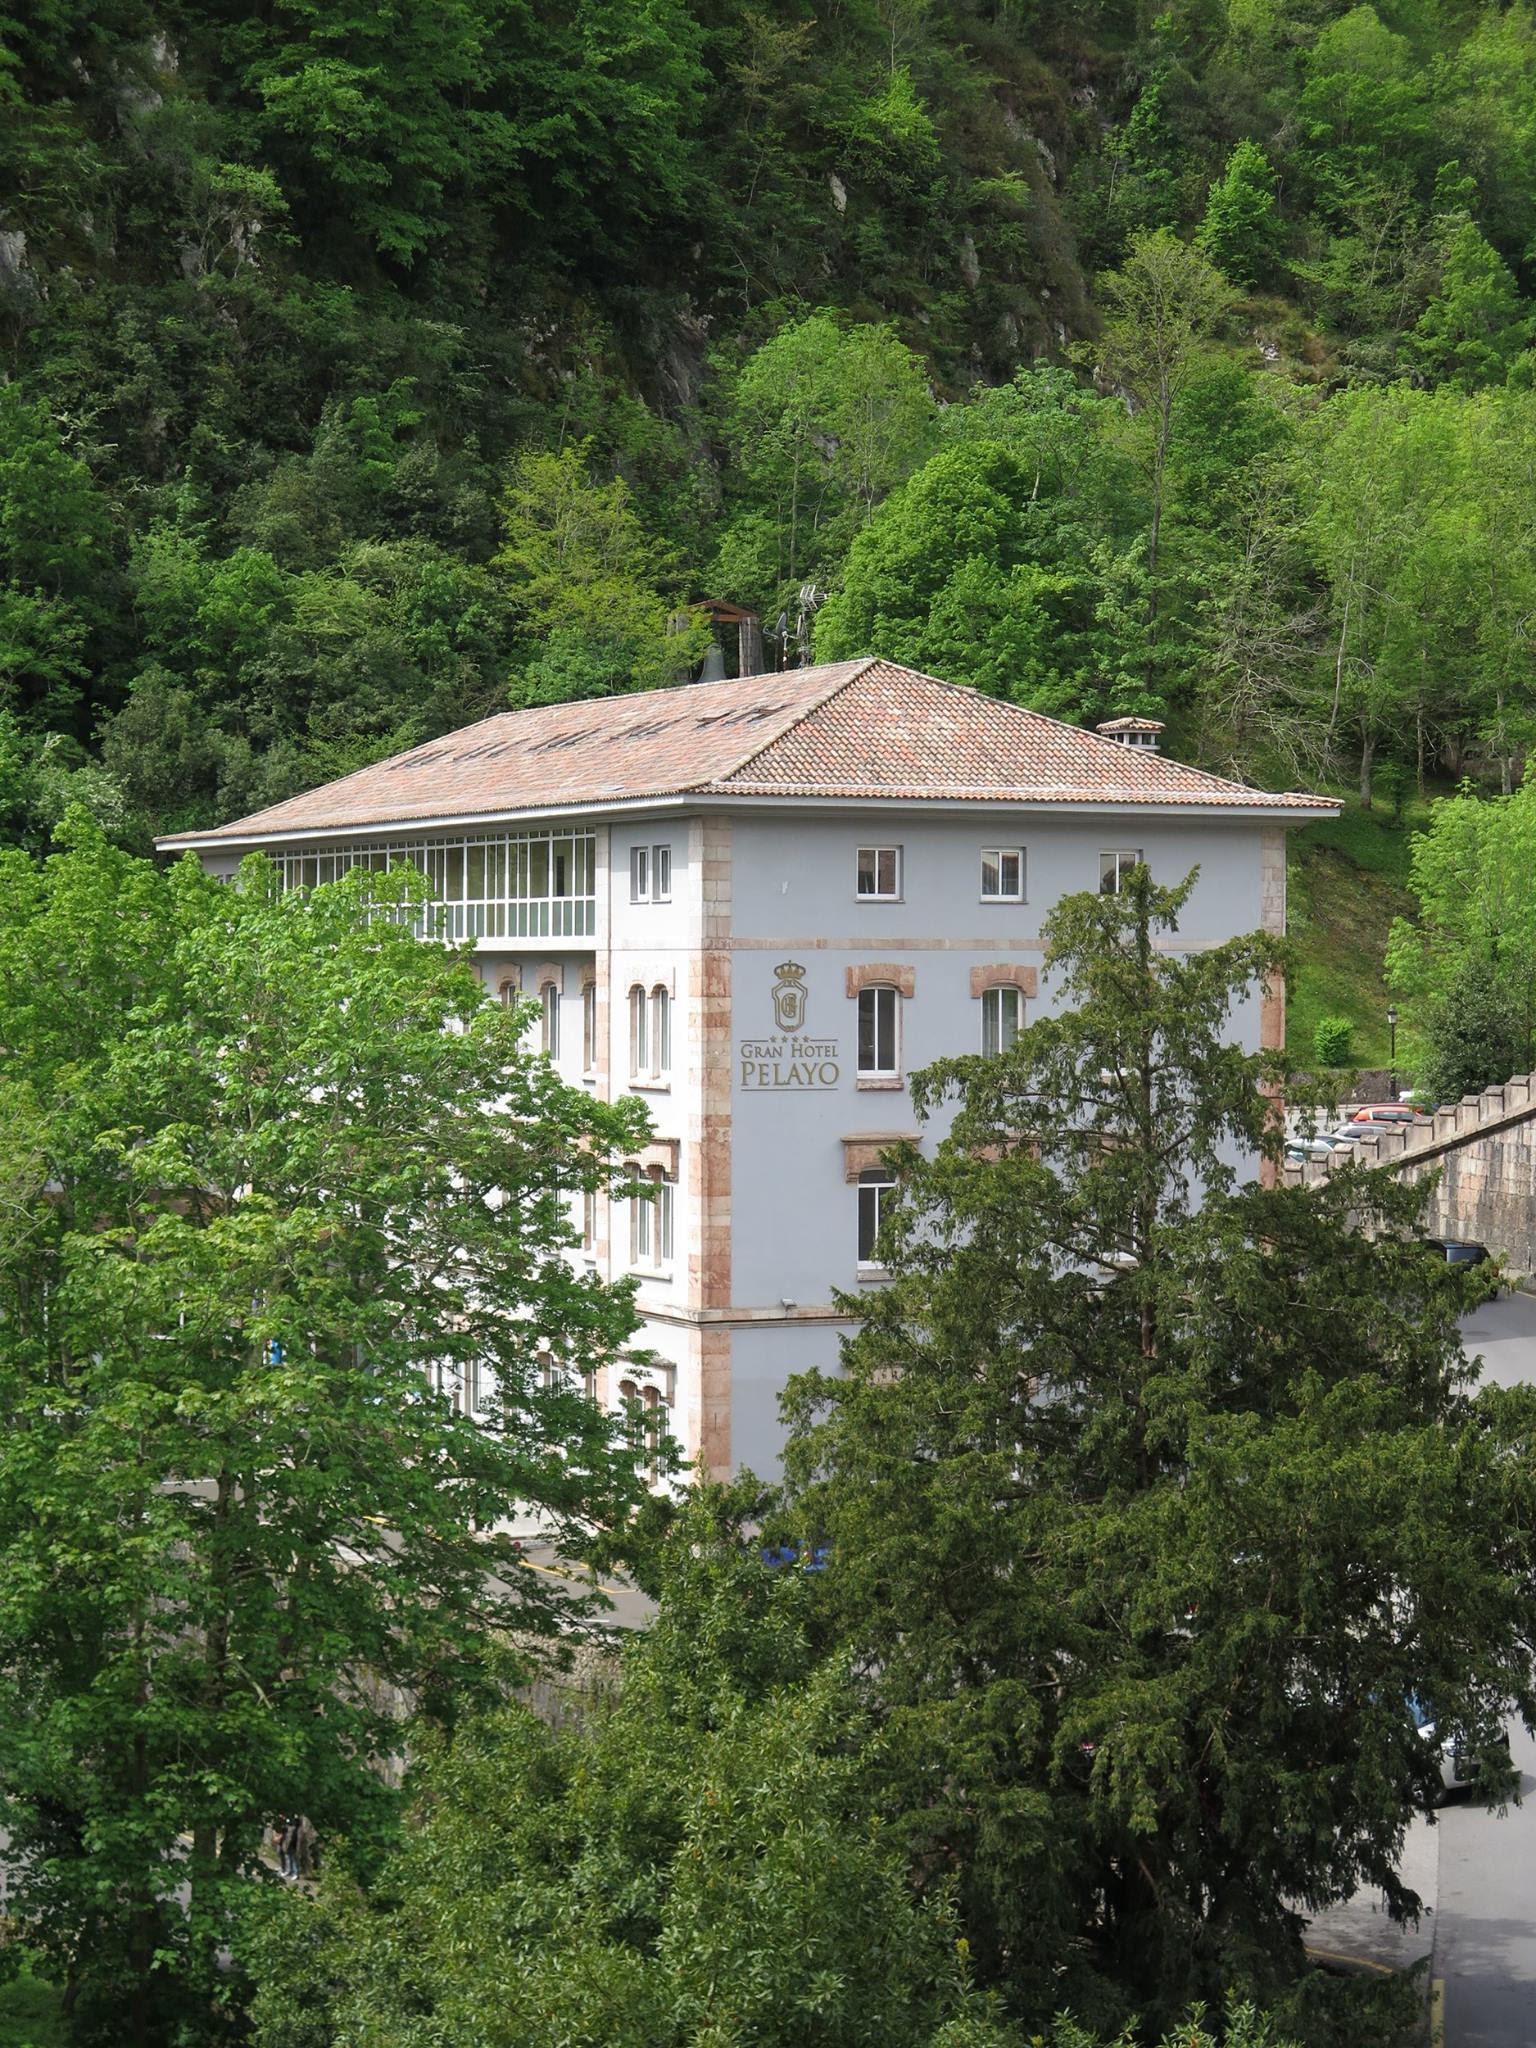 2017.05.2 y3 - Viaje Covadonga Sector Hnos. Mayores (23)